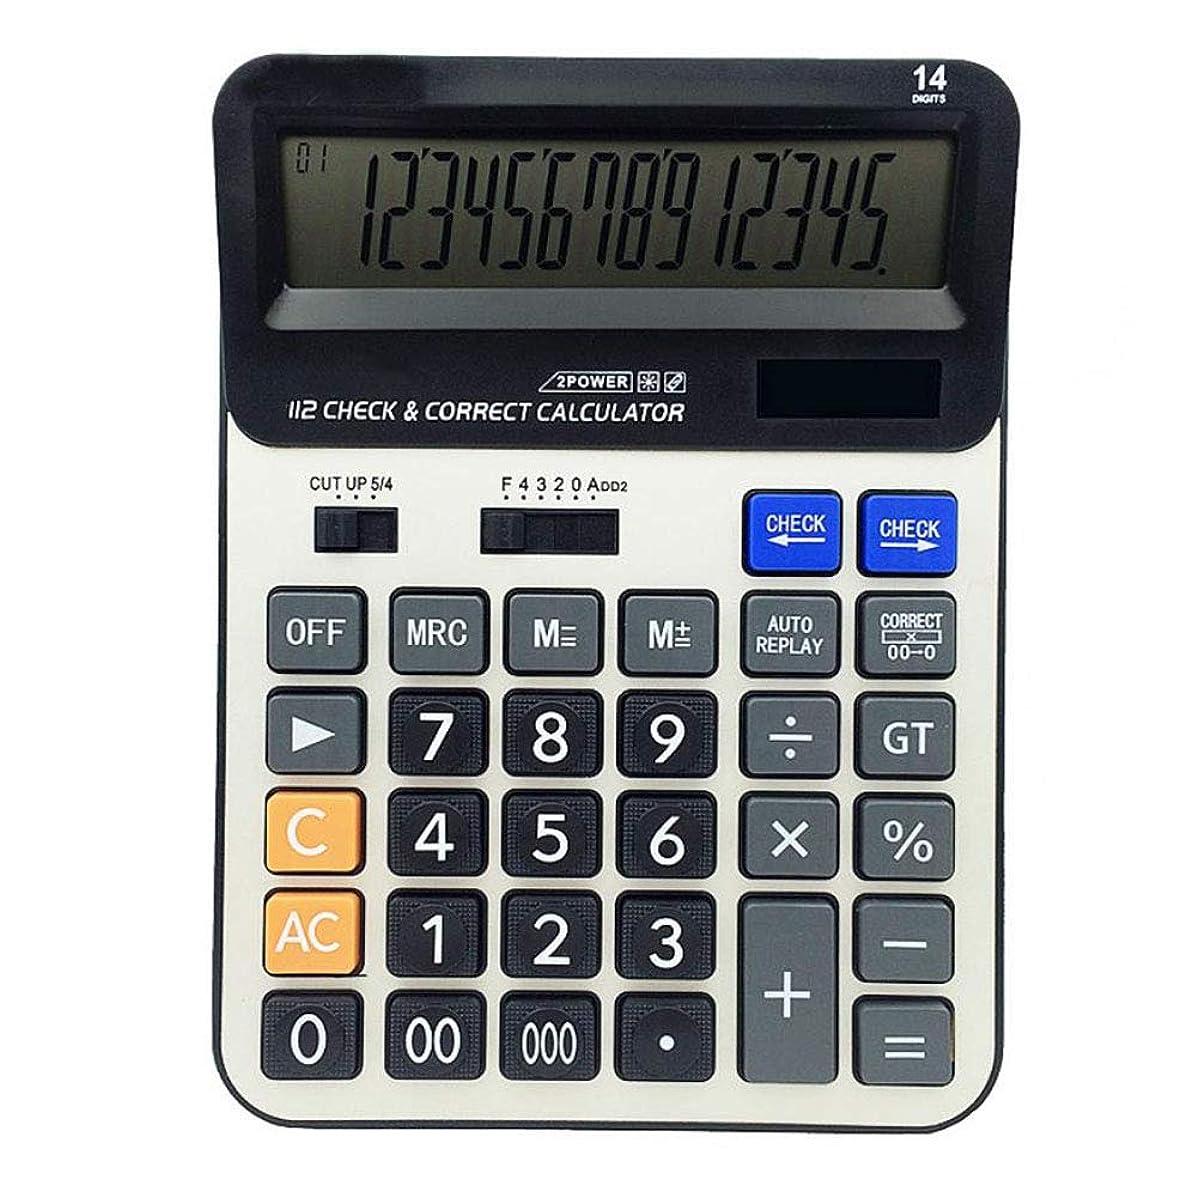 車両アラブ革新電卓 14ビット大画面 デュアルパワー コンピューター 経済的 会計用 太陽電卓 アルミニウムパネル デスクトップ ビジネス 電卓